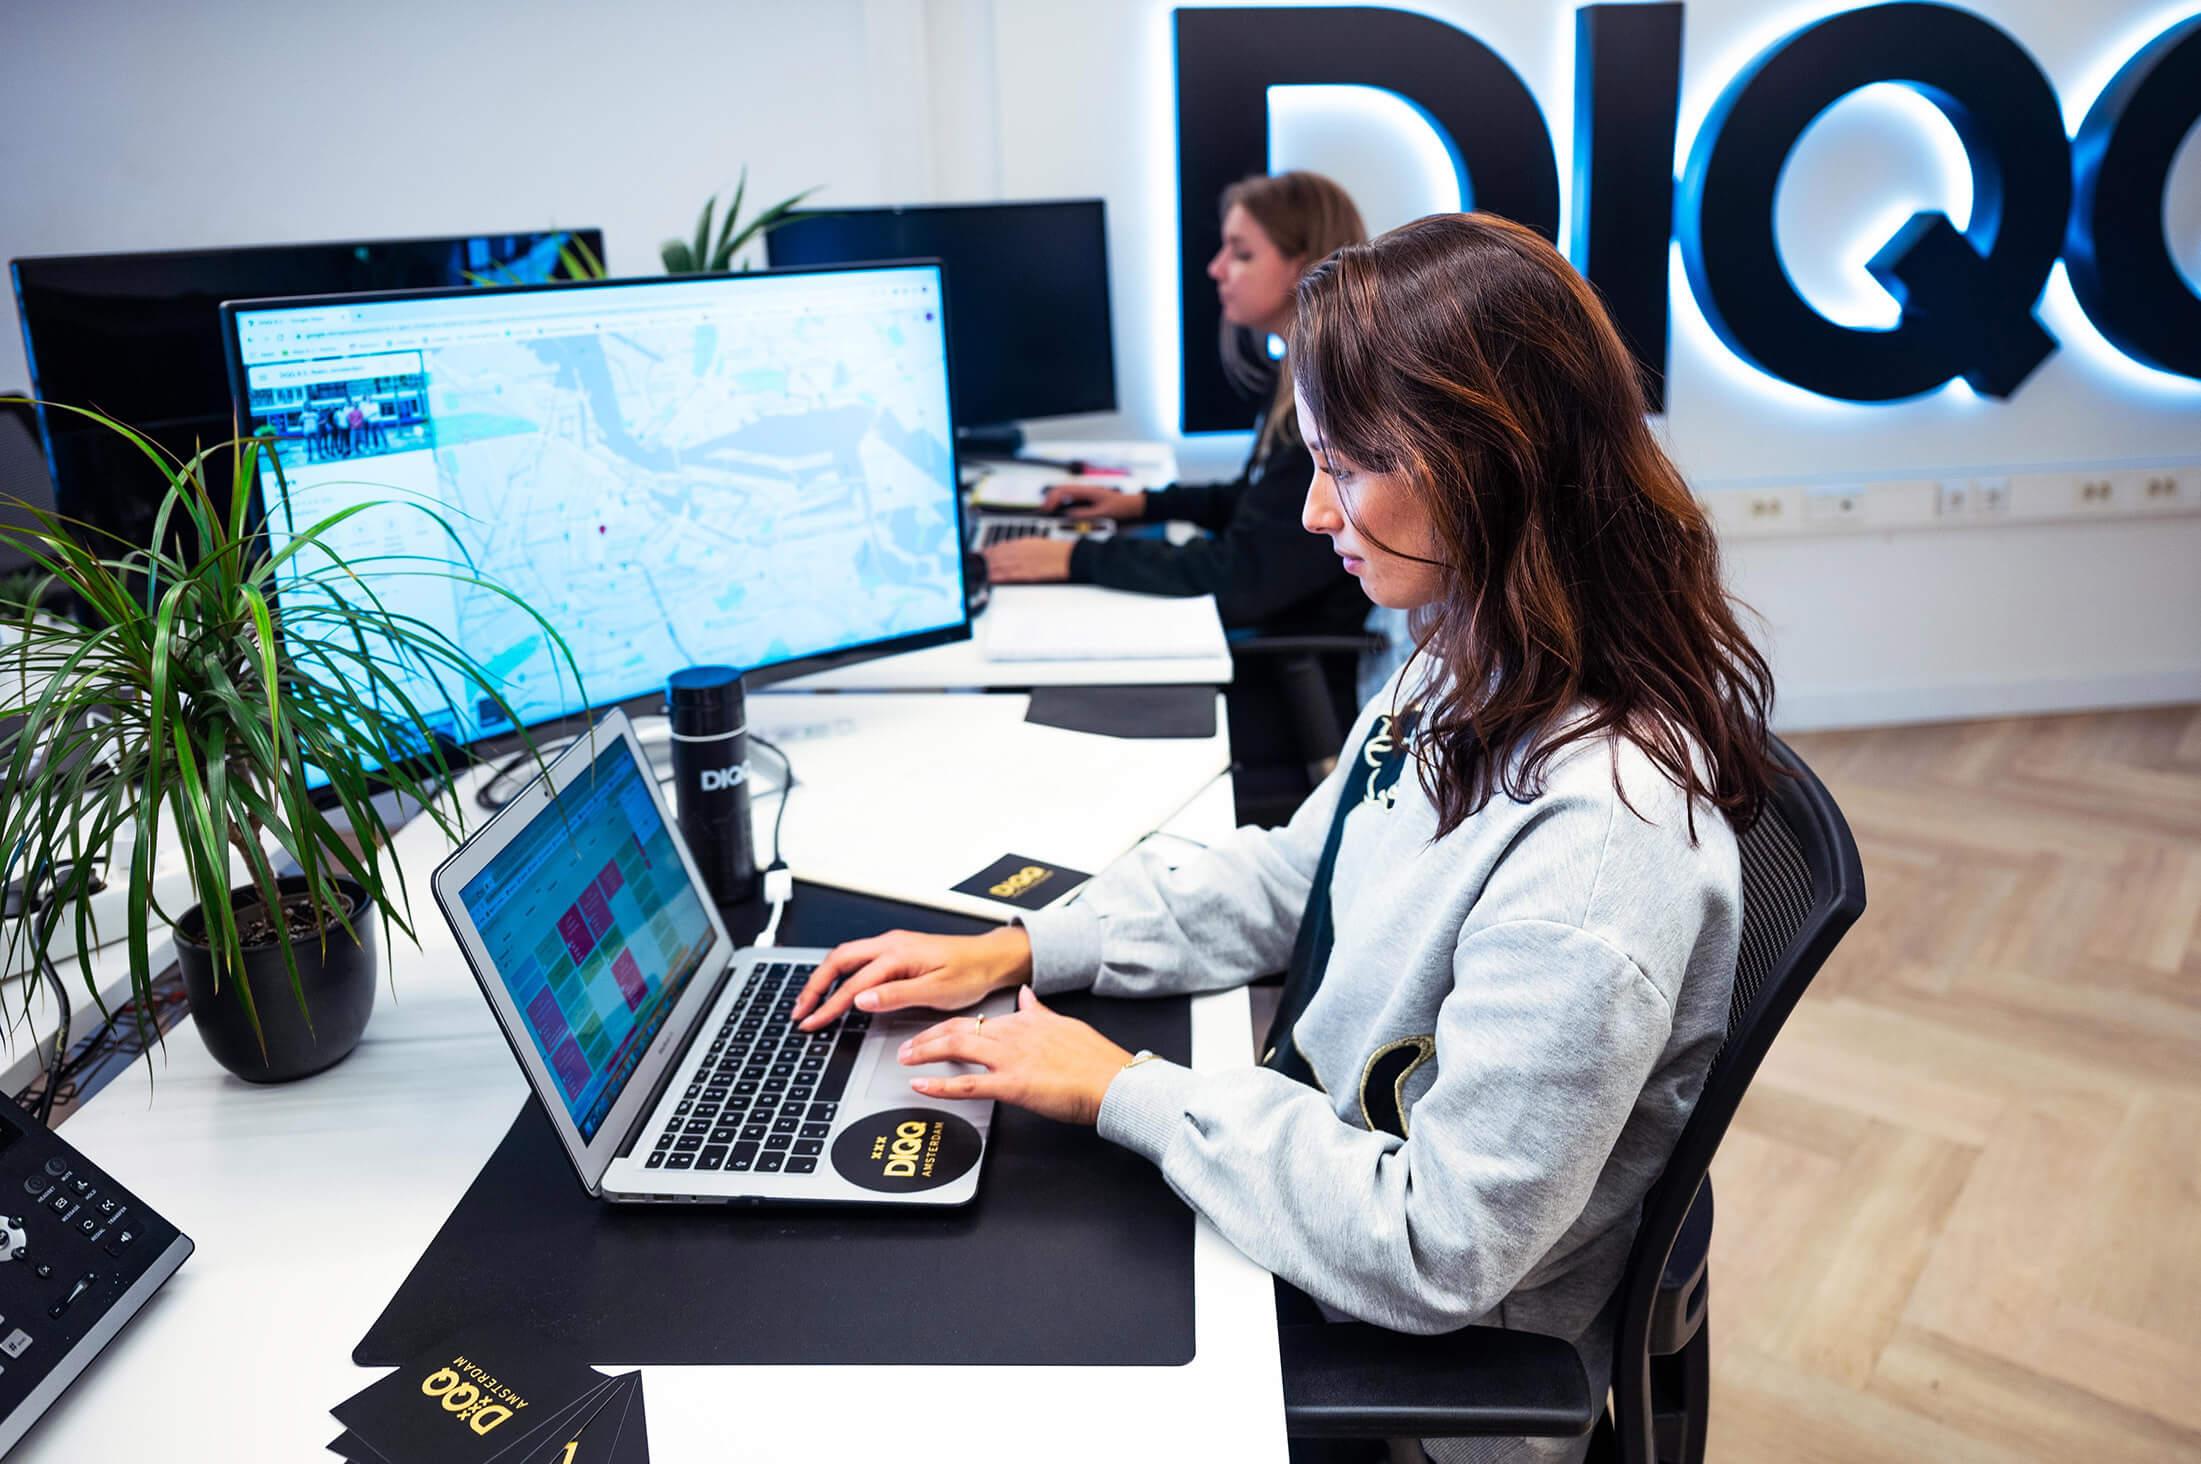 2 DIQQ medewerkers zitten aan tafel met een klant inclusief koffie en laptops